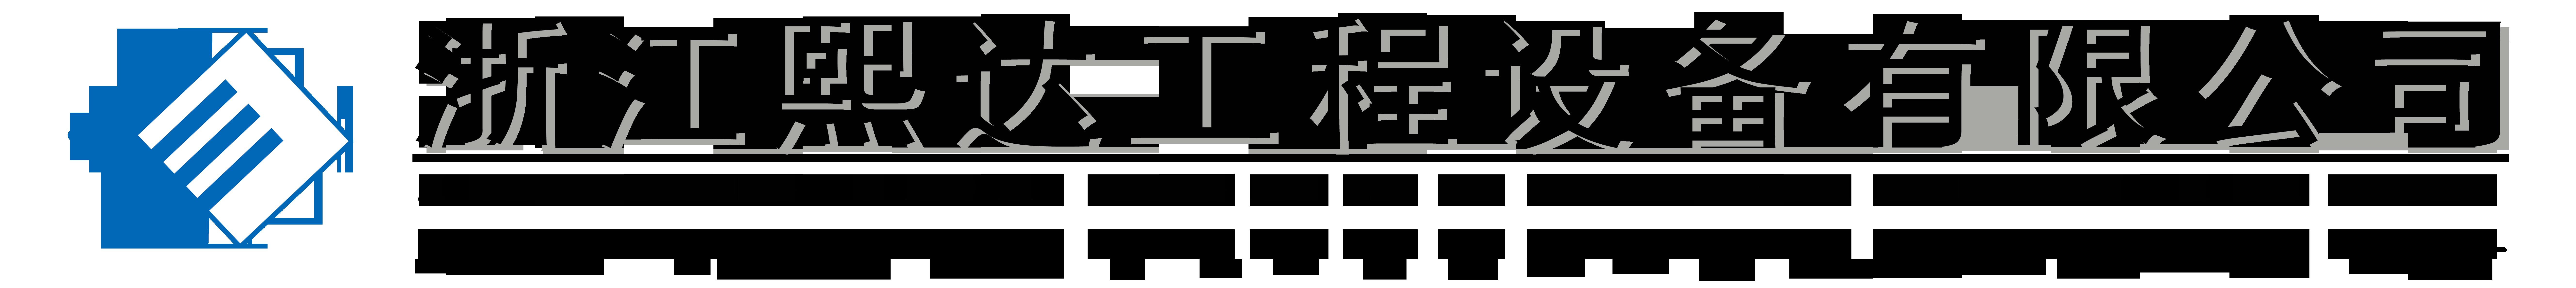 浙江万博手机官网登陆工程设备有限公司